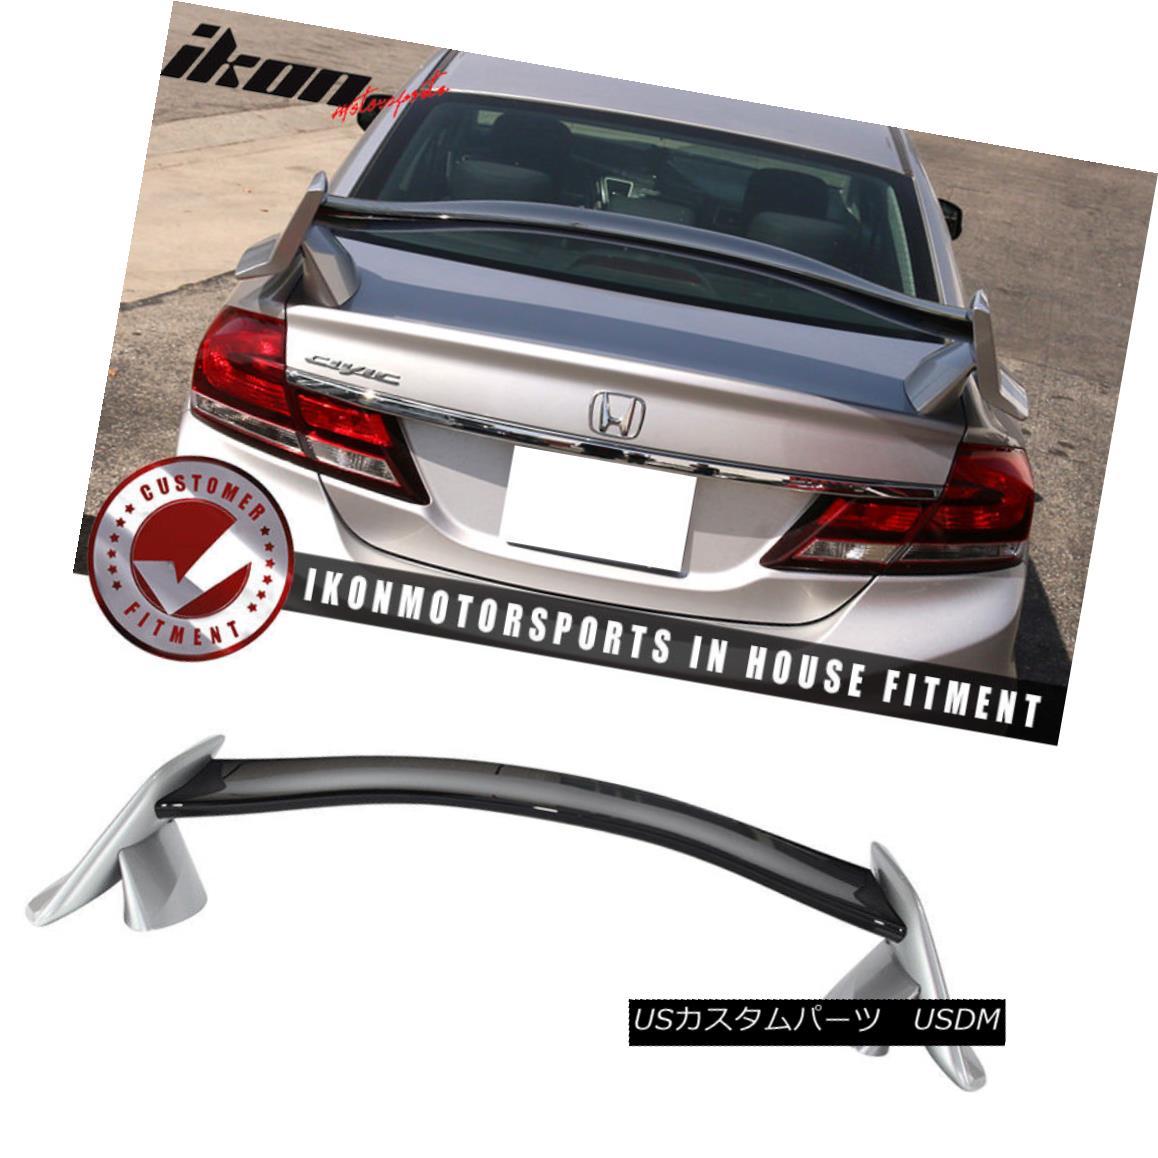 エアロパーツ Fits 12-15 Civic 9th Type R Trunk Spoiler Painted #700 Alabaster Silver Metallic 12-15シビック9thタイプRトランク・スポイラー・ペイント#700アラバスター・シルバー・メタリック